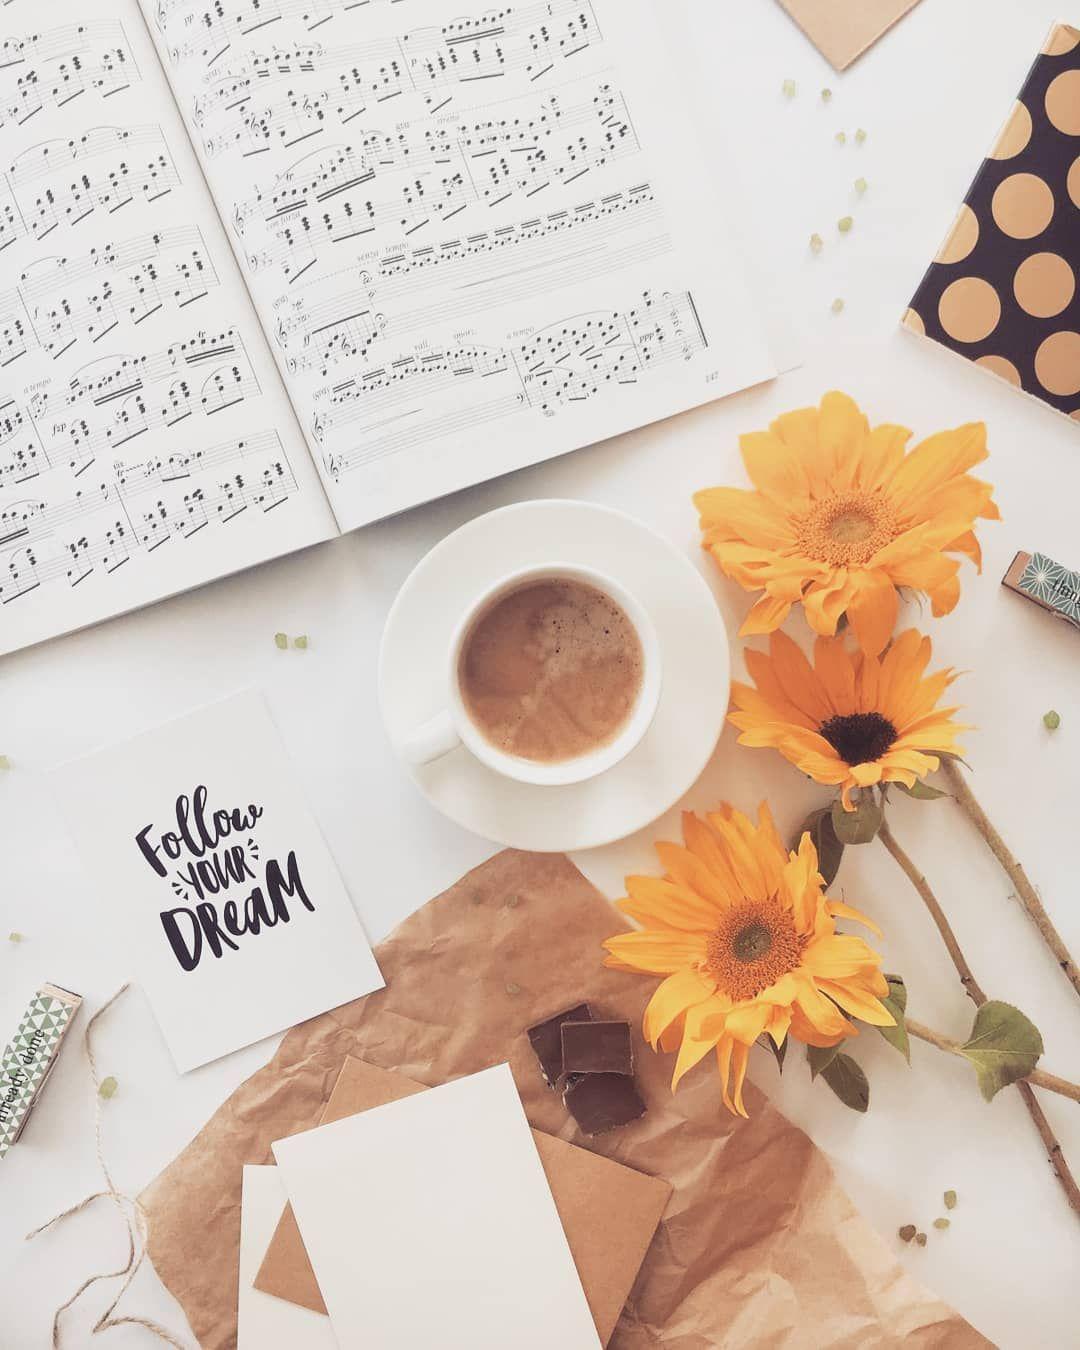 Pin de Gabriella em Café, Coffee Life em 2020 | Fred instagram